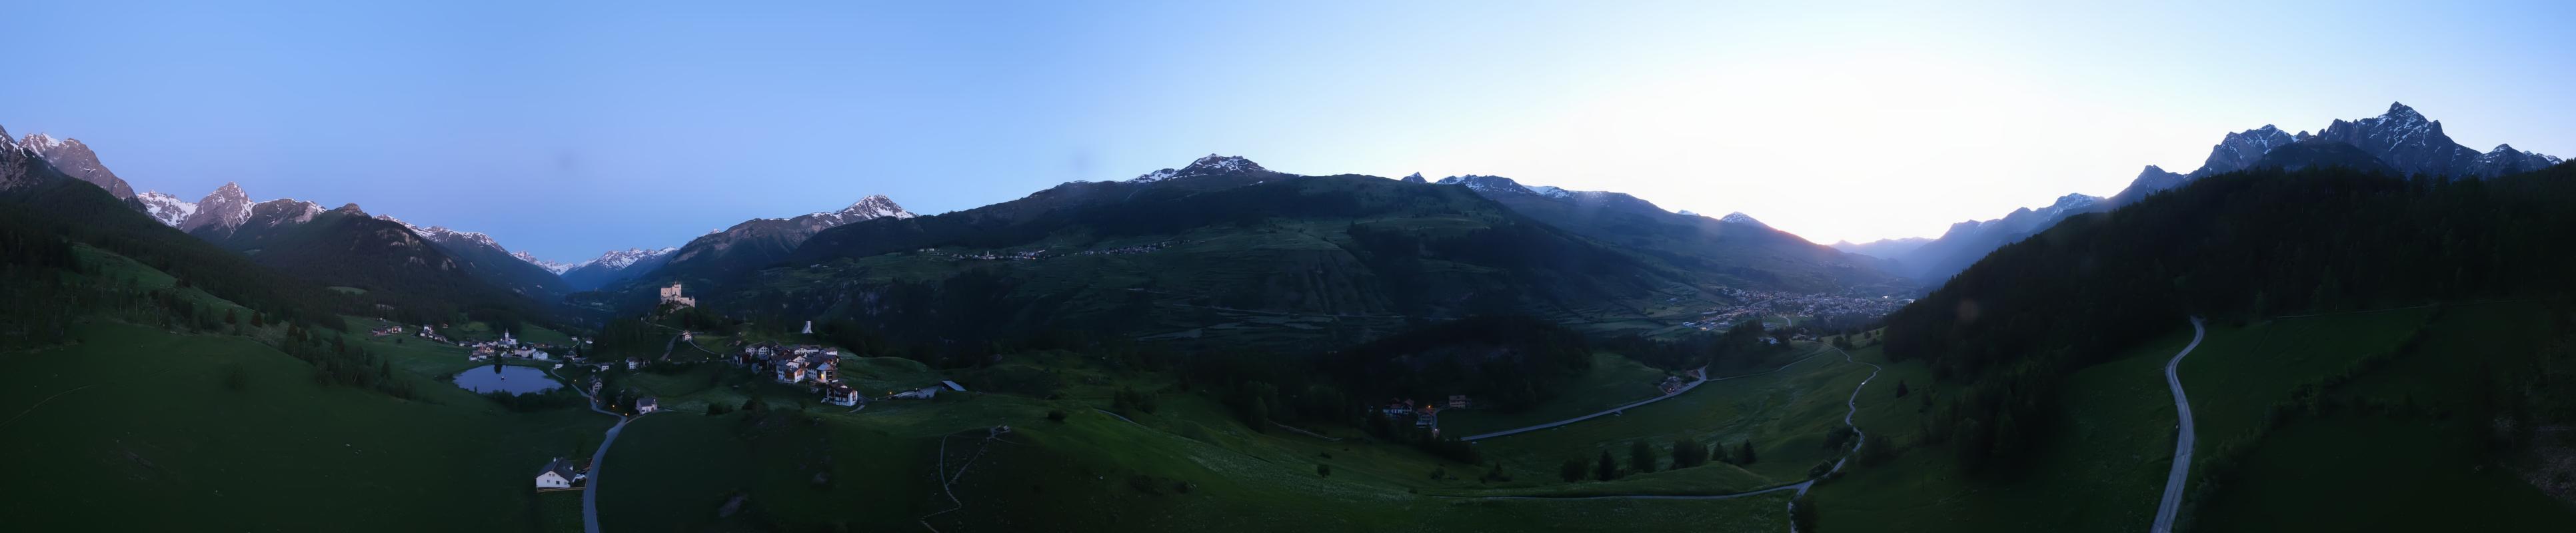 19h ago - 05:03